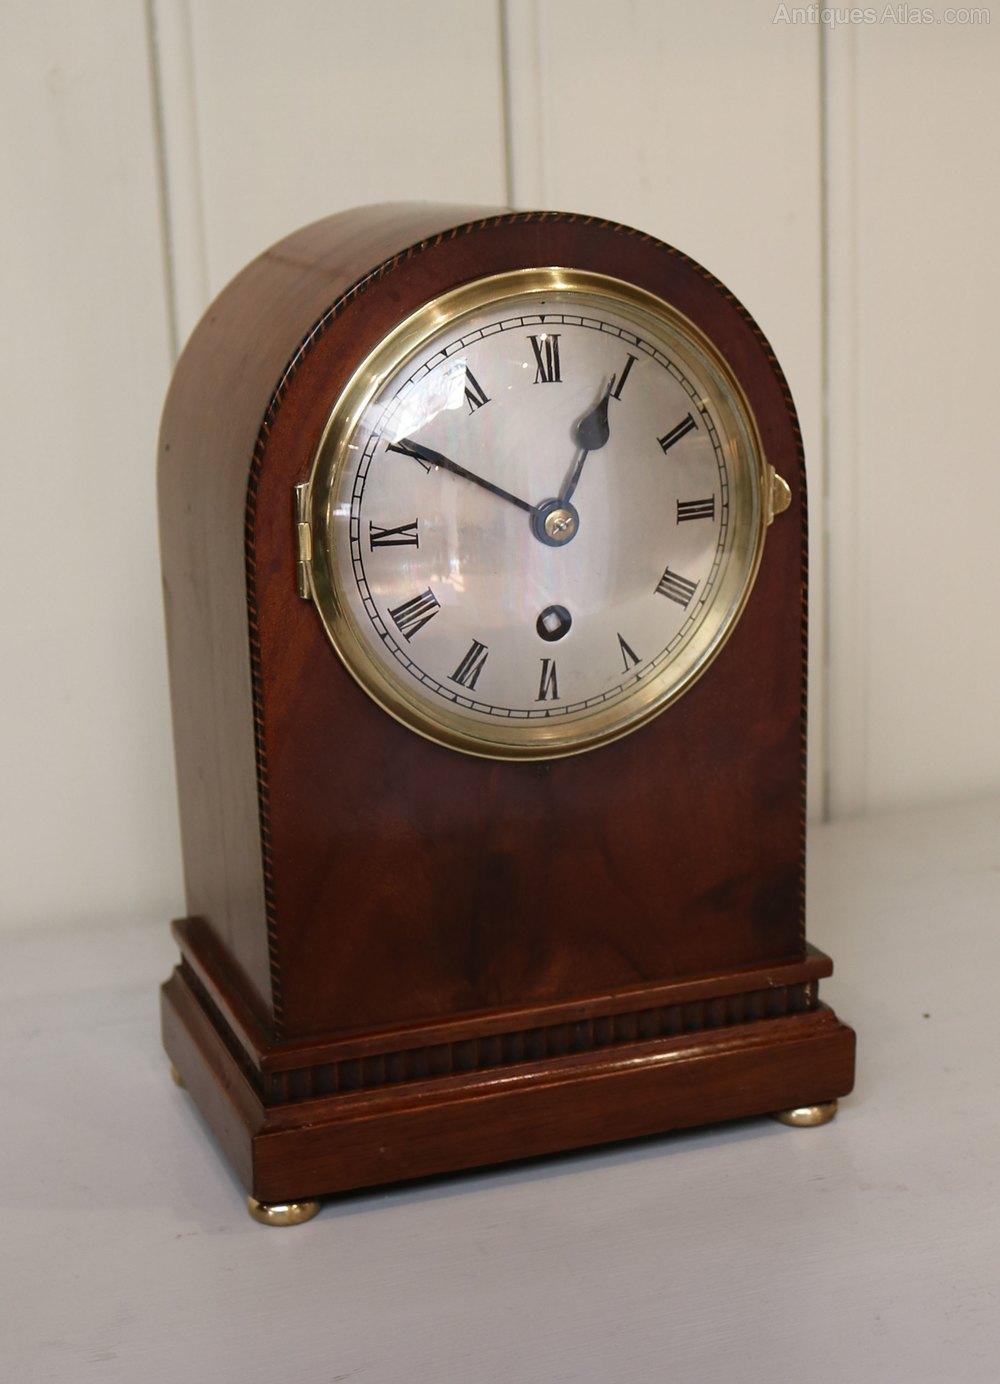 Antiques Atlas - Mahogany Arch Top Mantel Clock (England ...